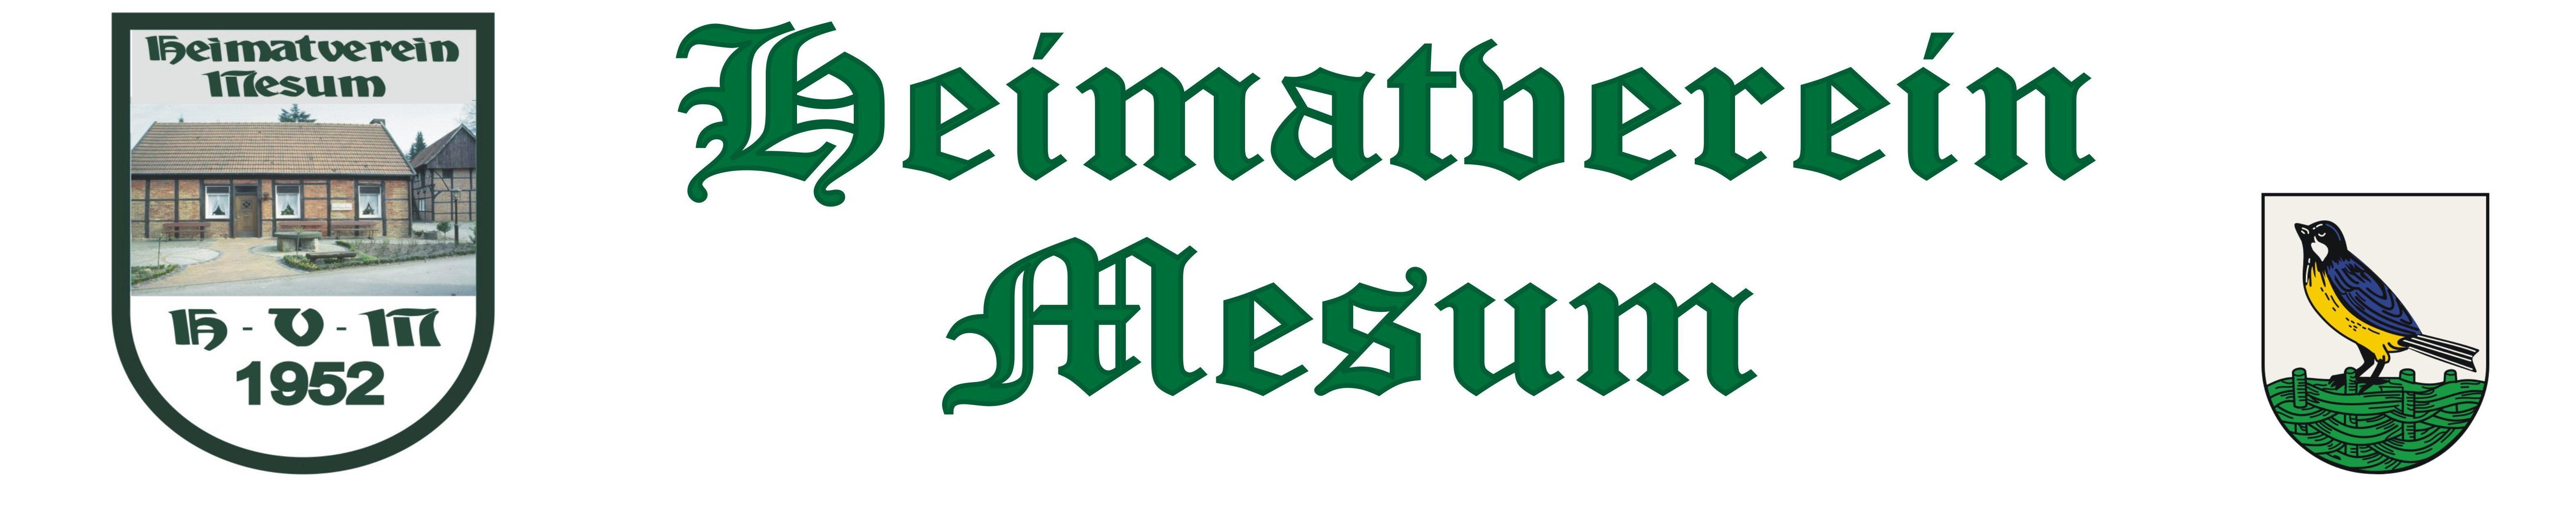 Heimatverein Mesum e.V.